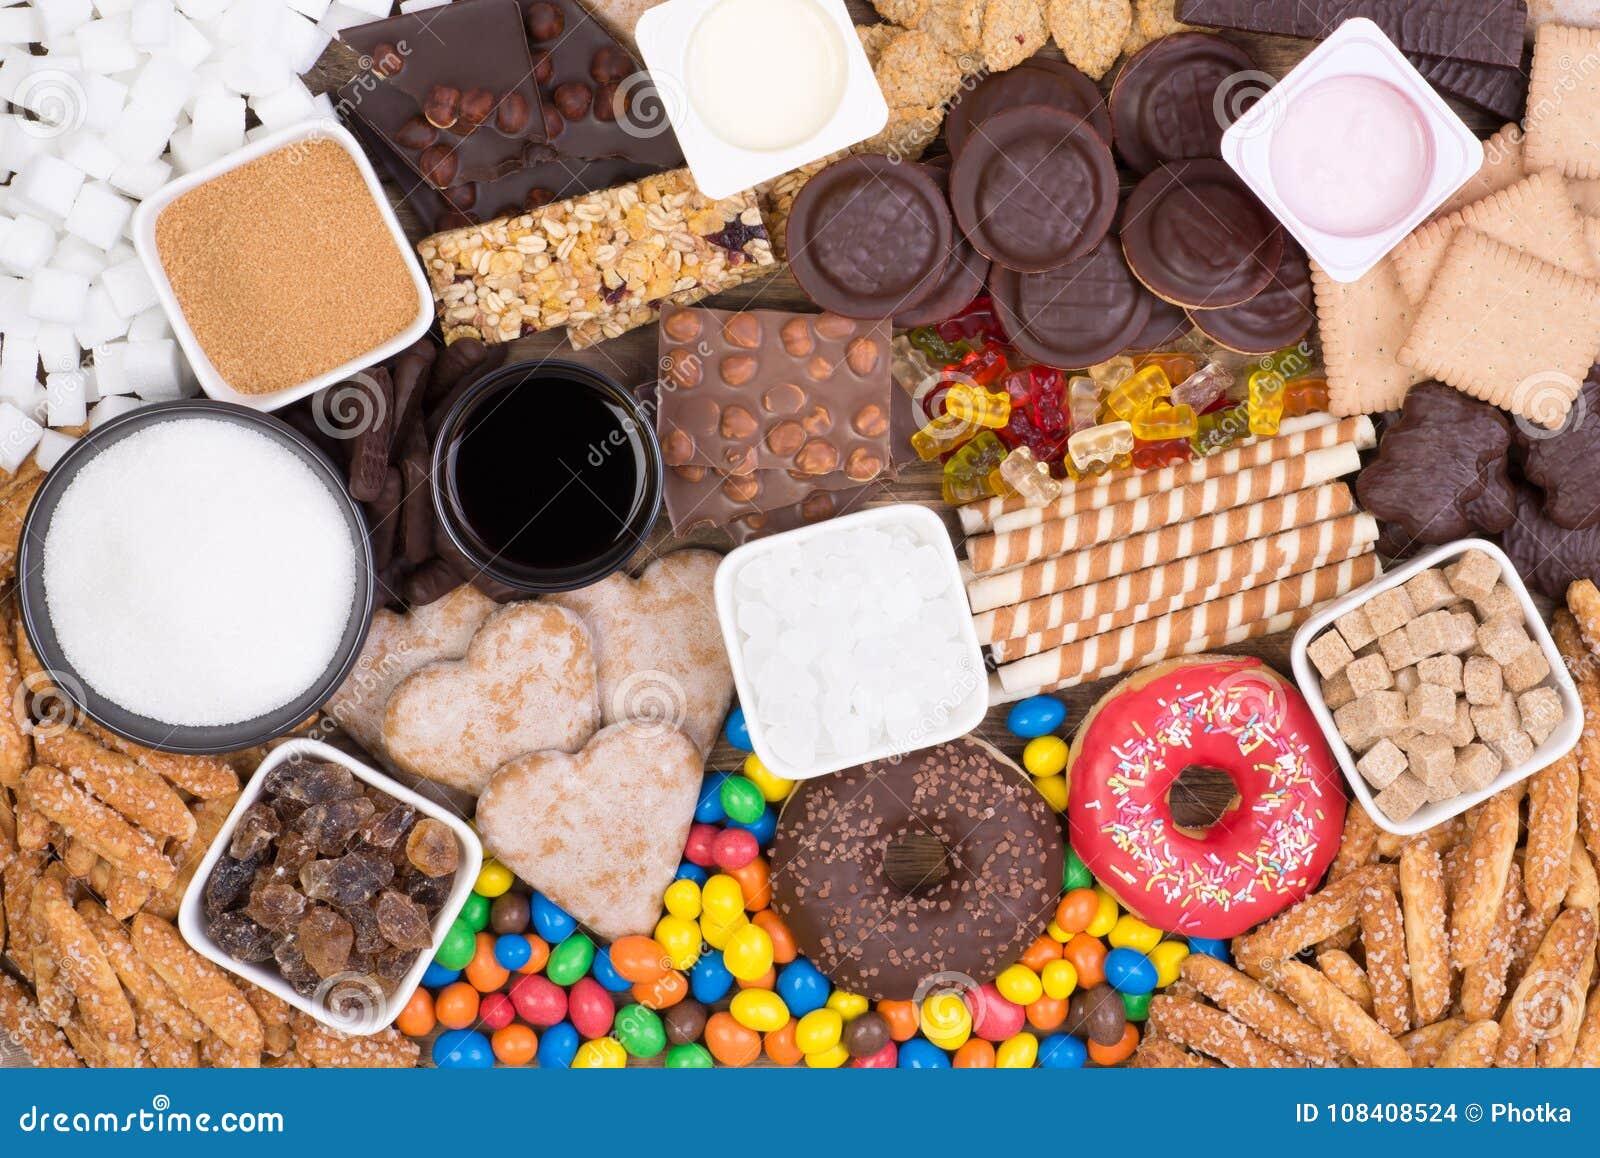 demasiada azúcar en la dieta causa diabetes